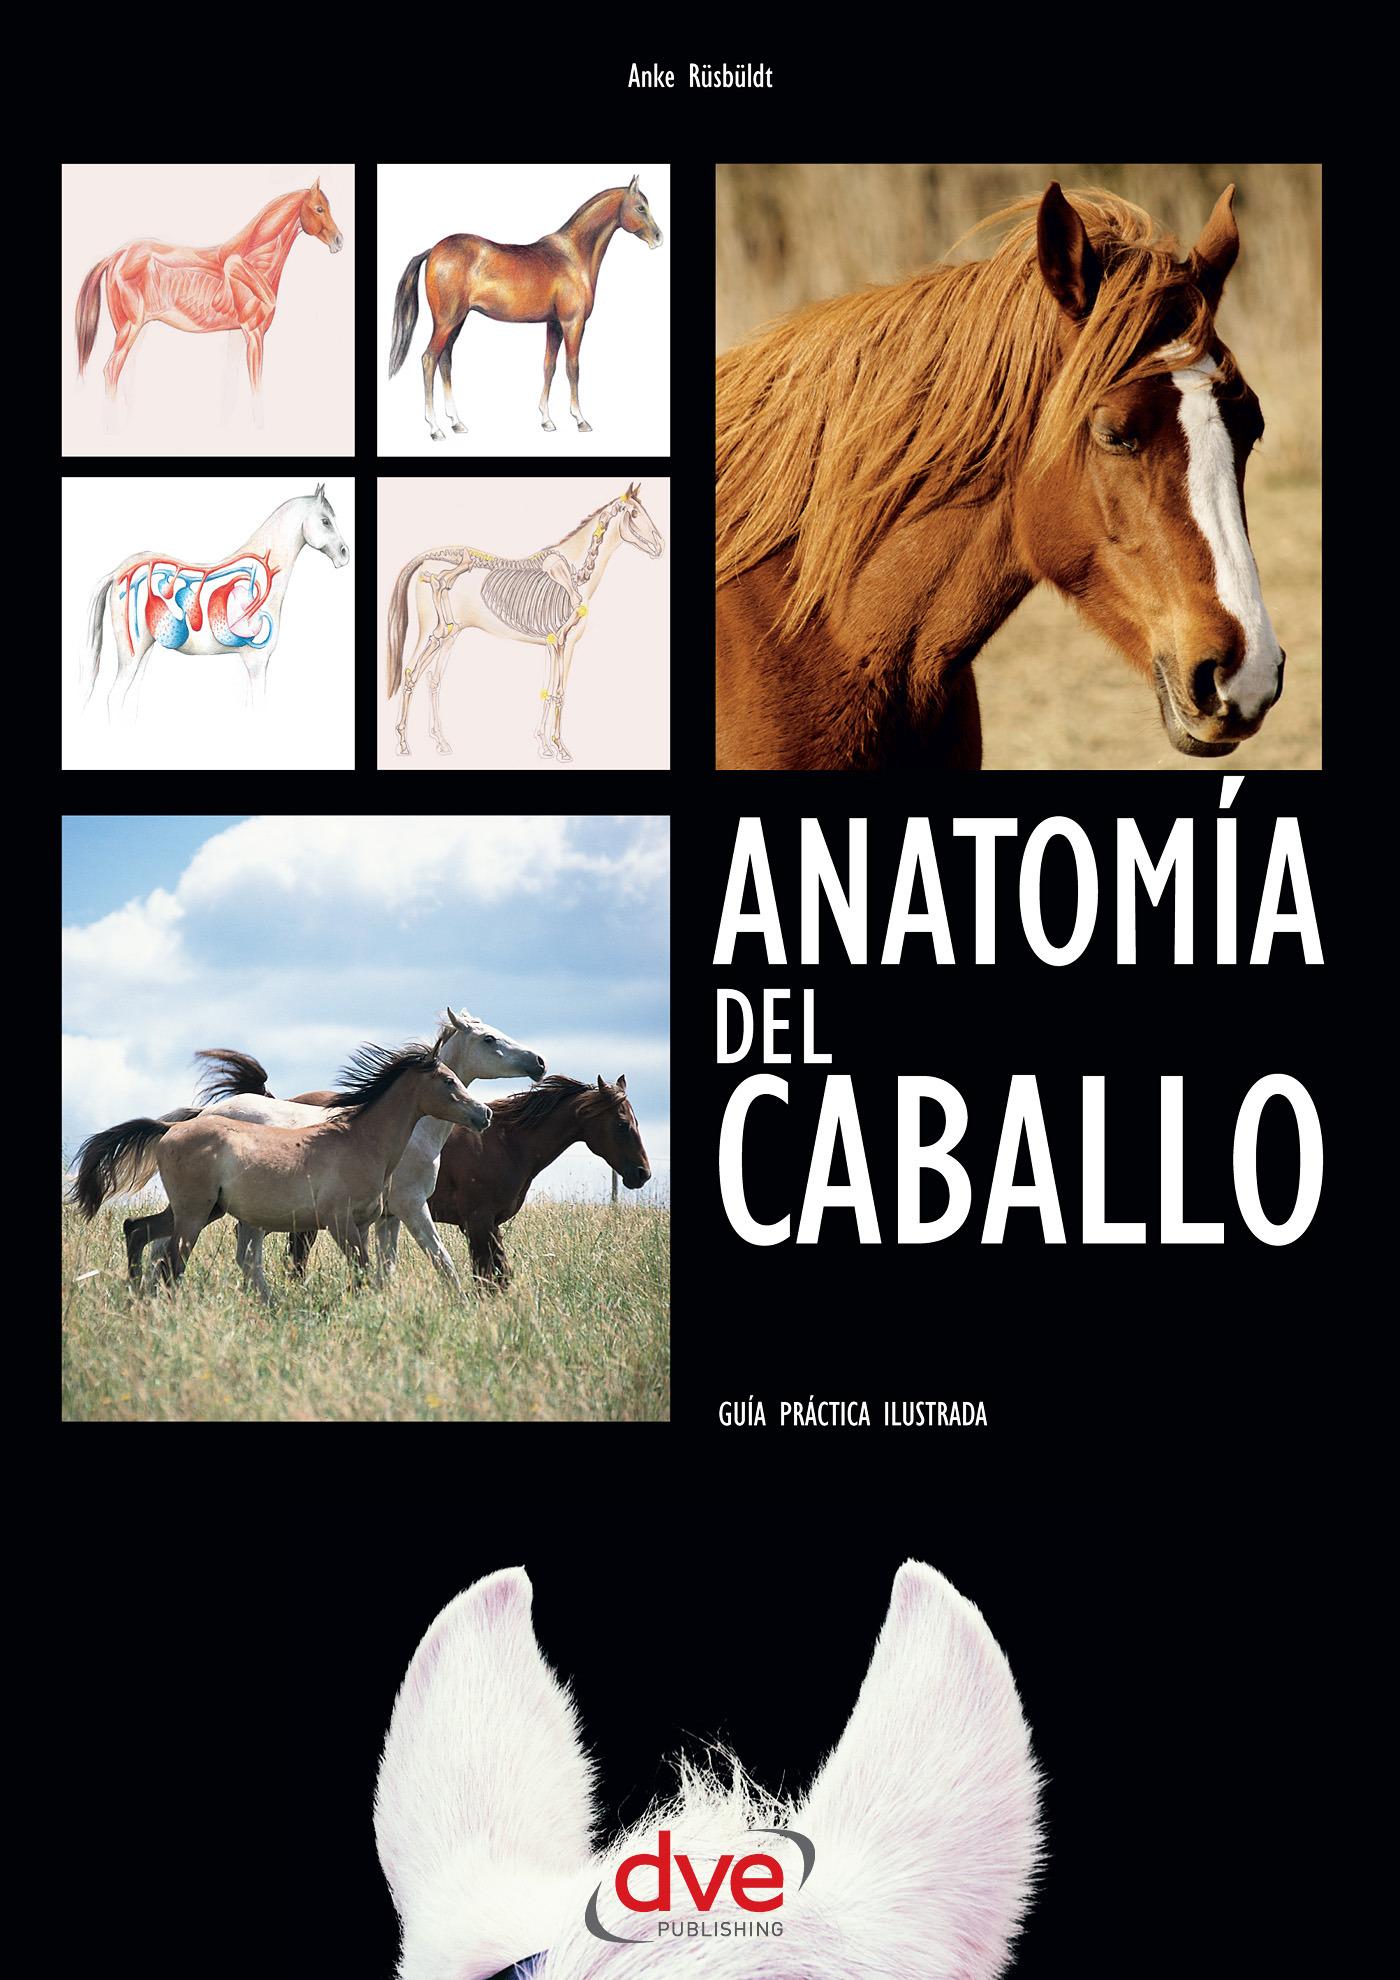 Rüsbüldt, Anke - Anatomía del caballo: Guía práctica ilustrada, ebook